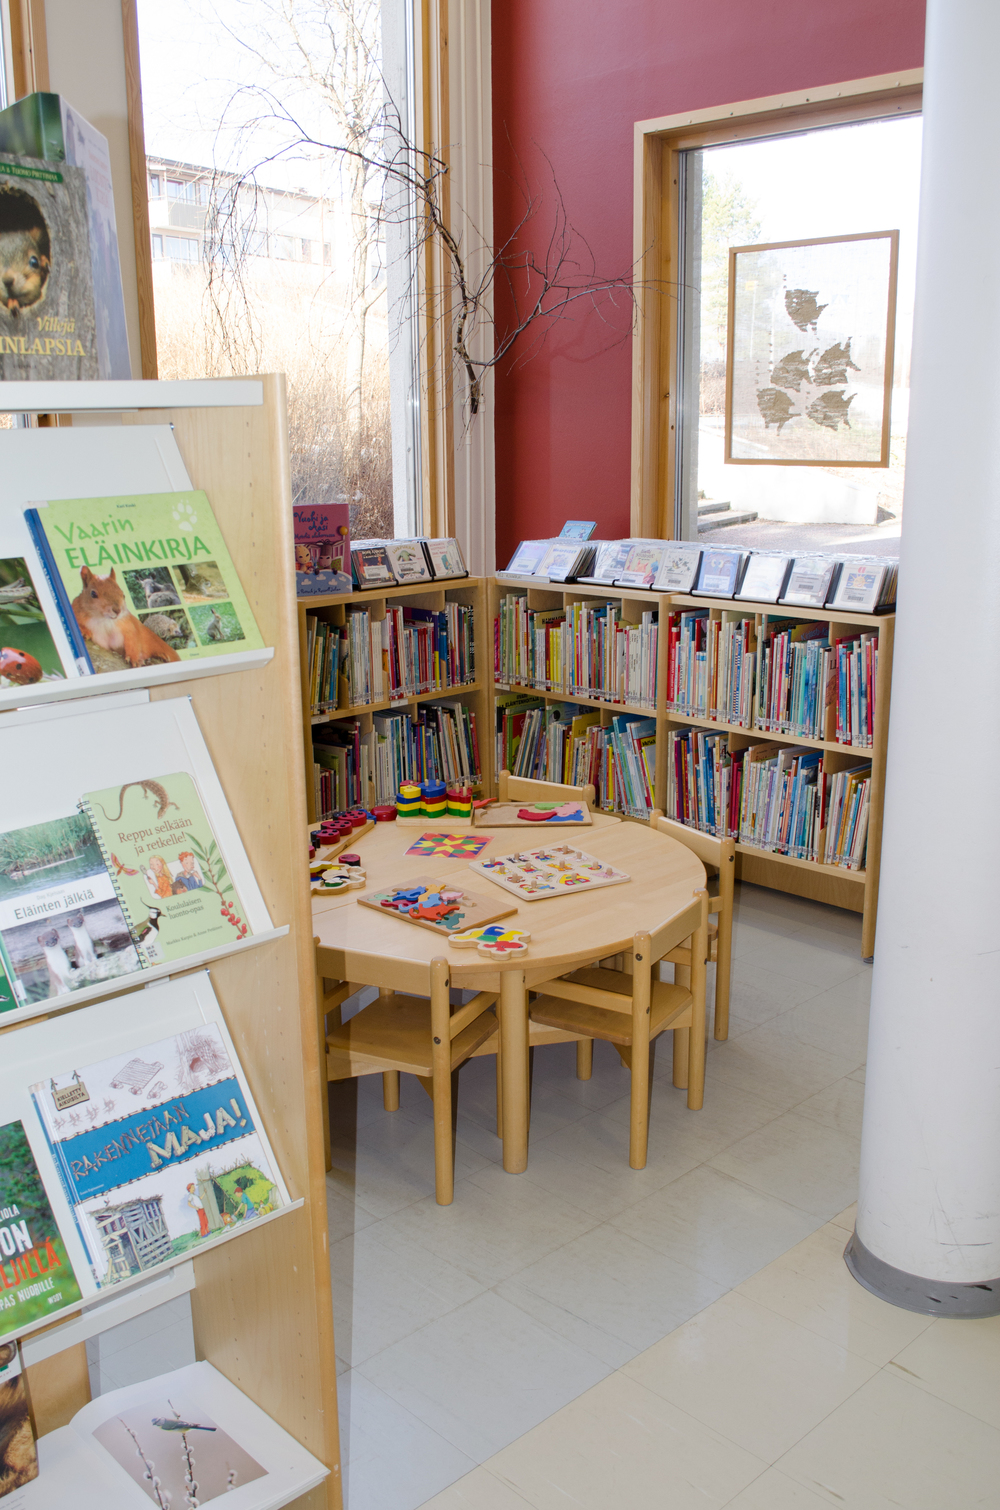 Naarajärven kirjasto